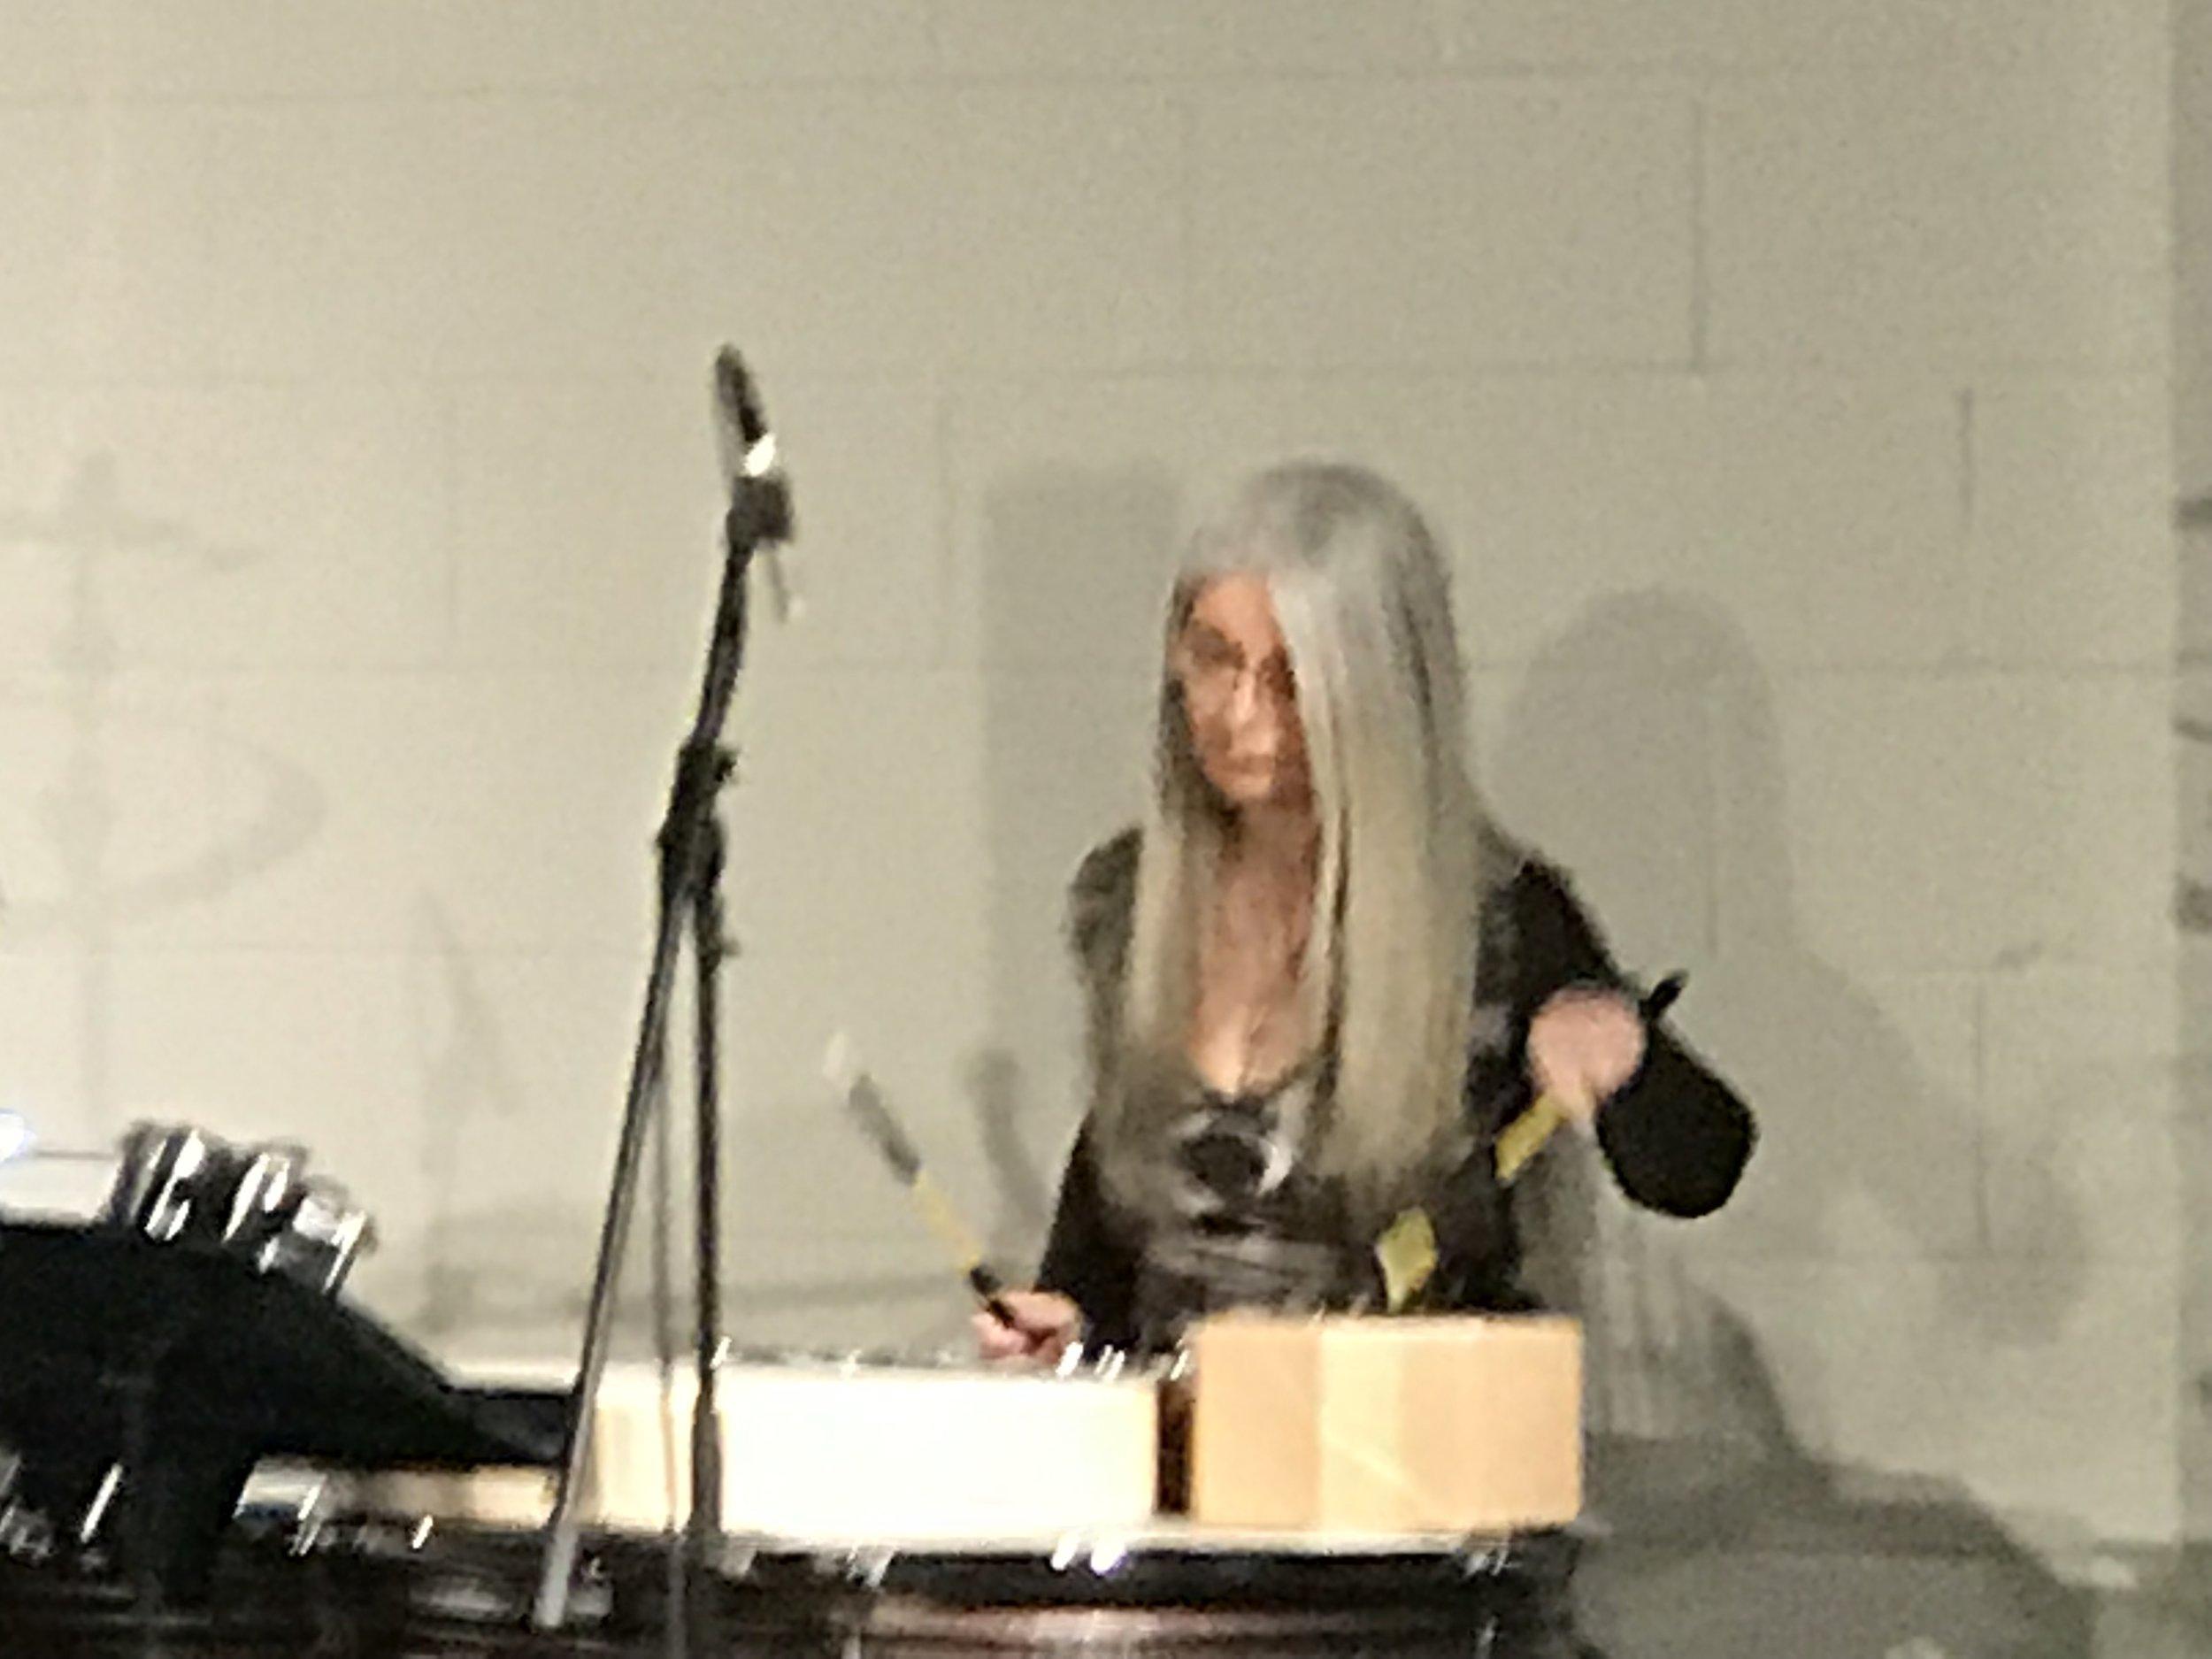 Dame Evelyn Glennie, with Trio HLK.